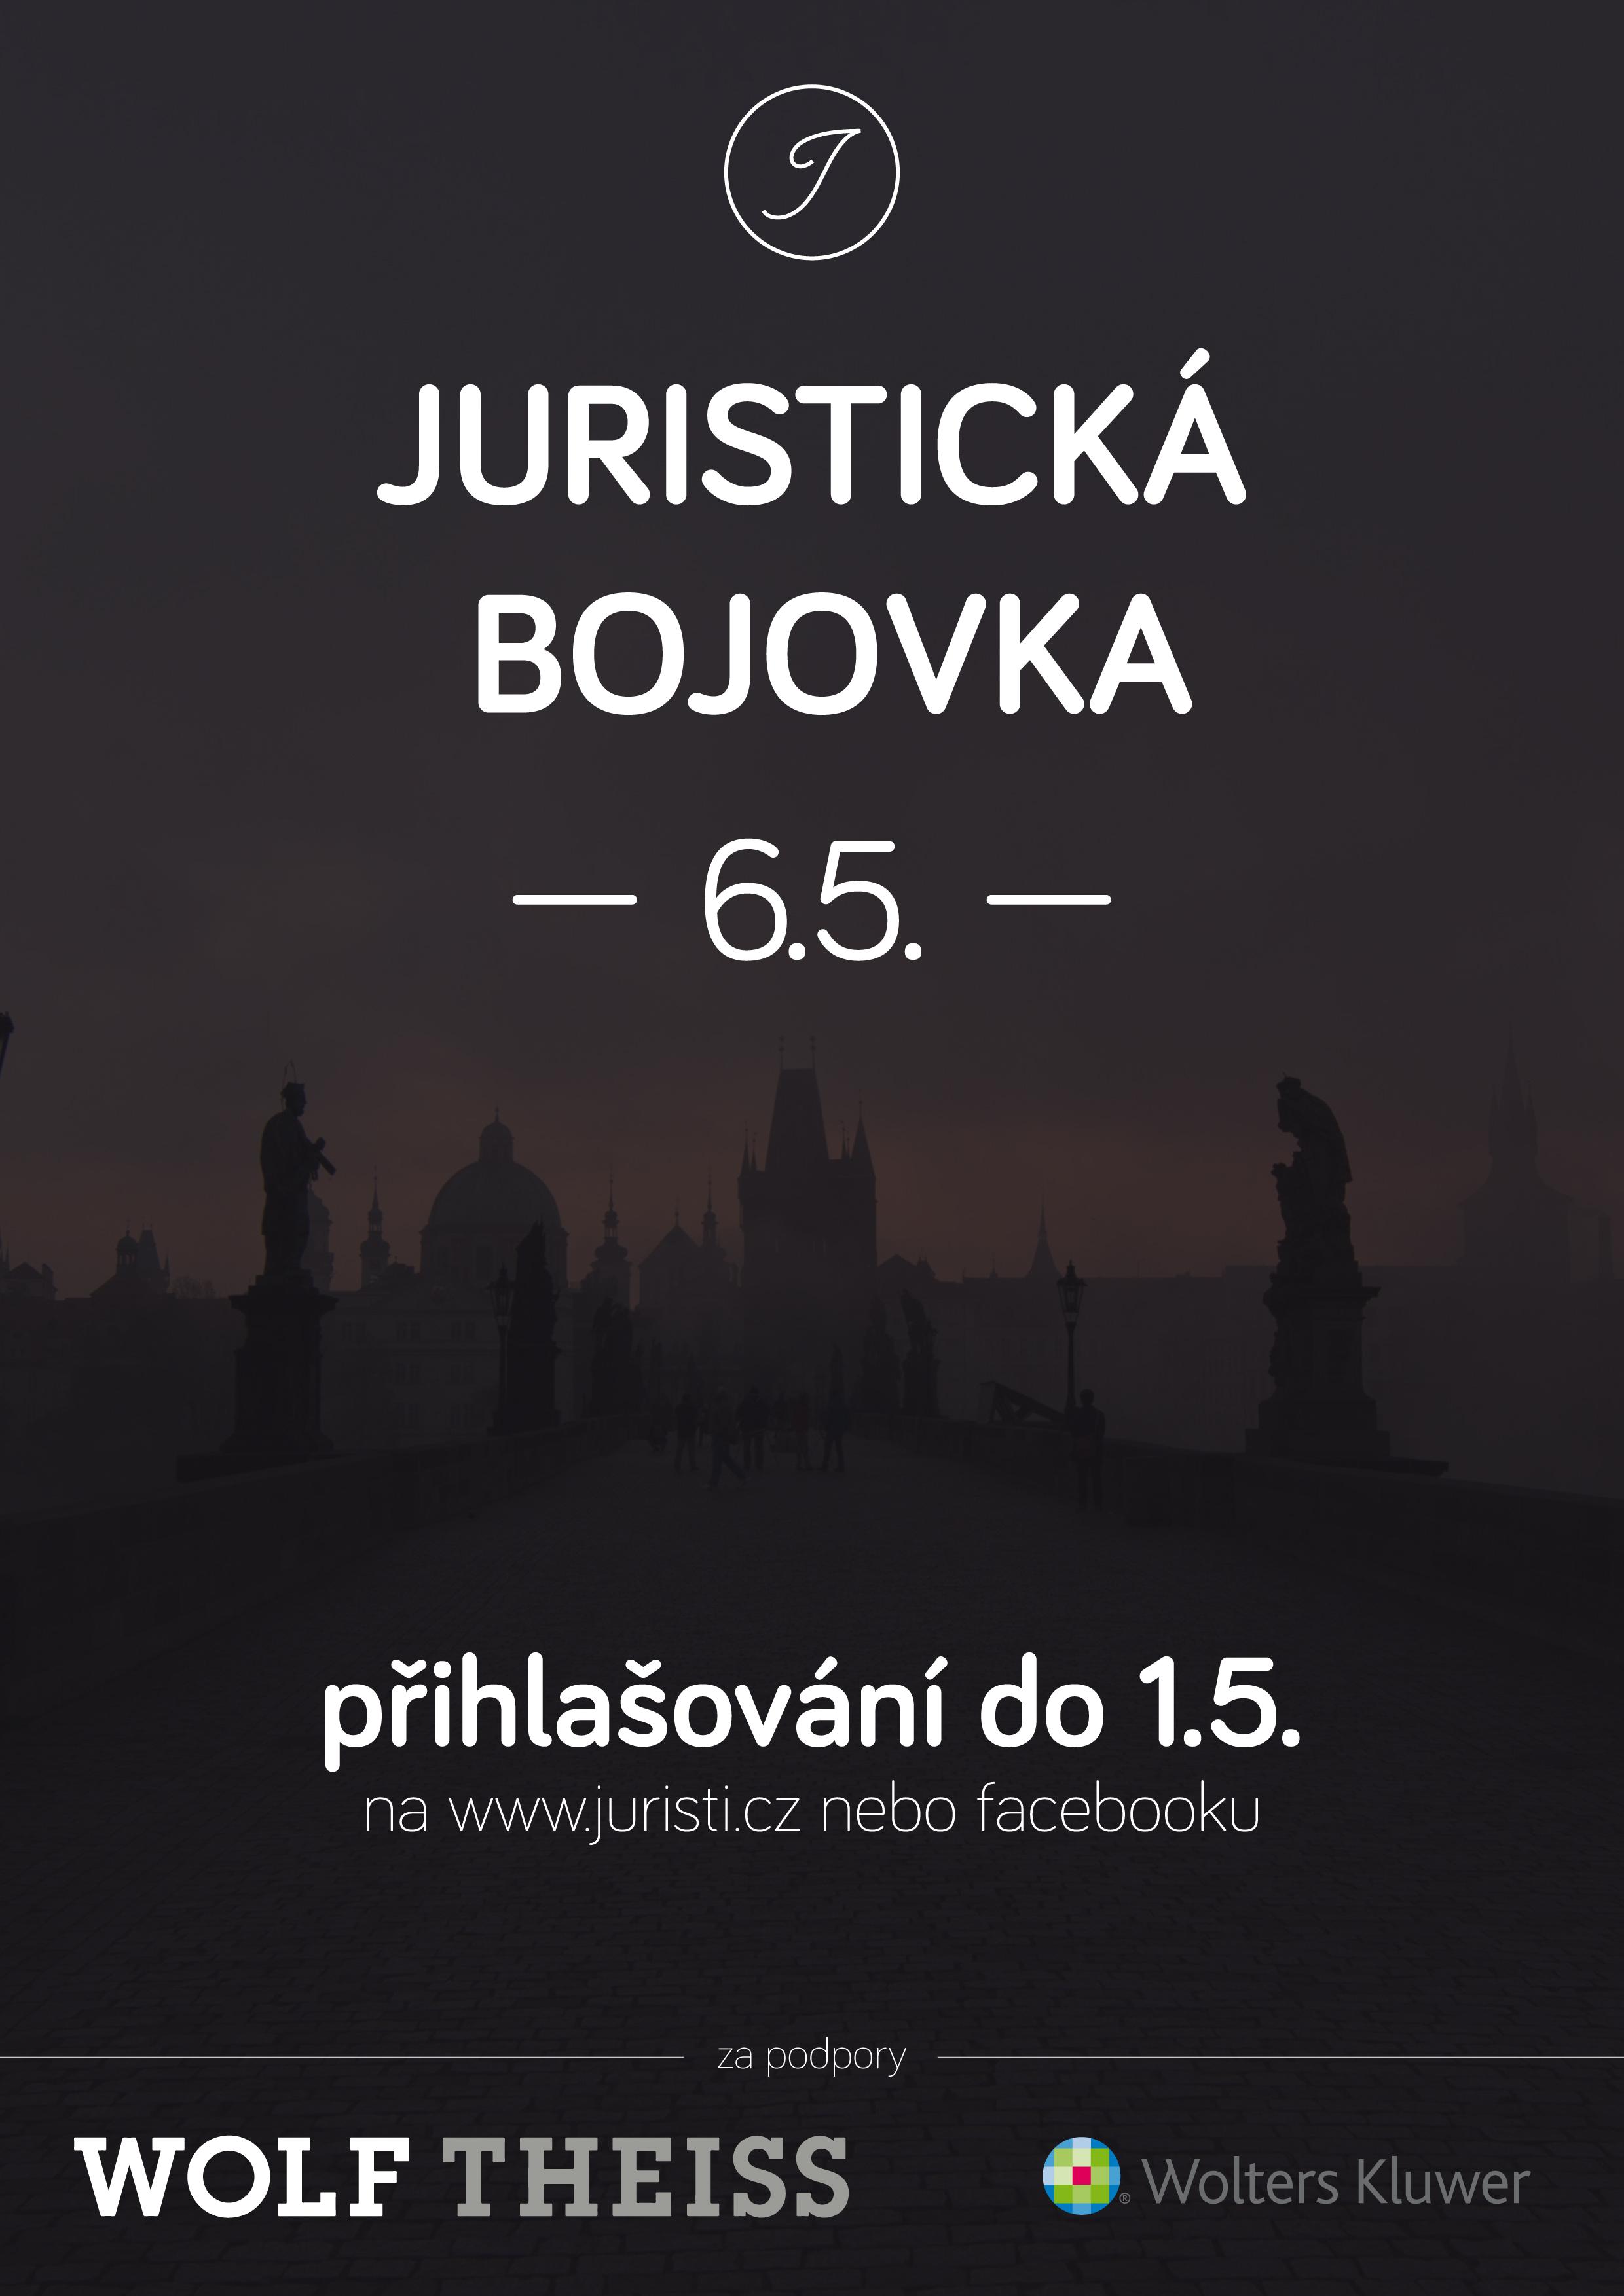 Bojovka_2016